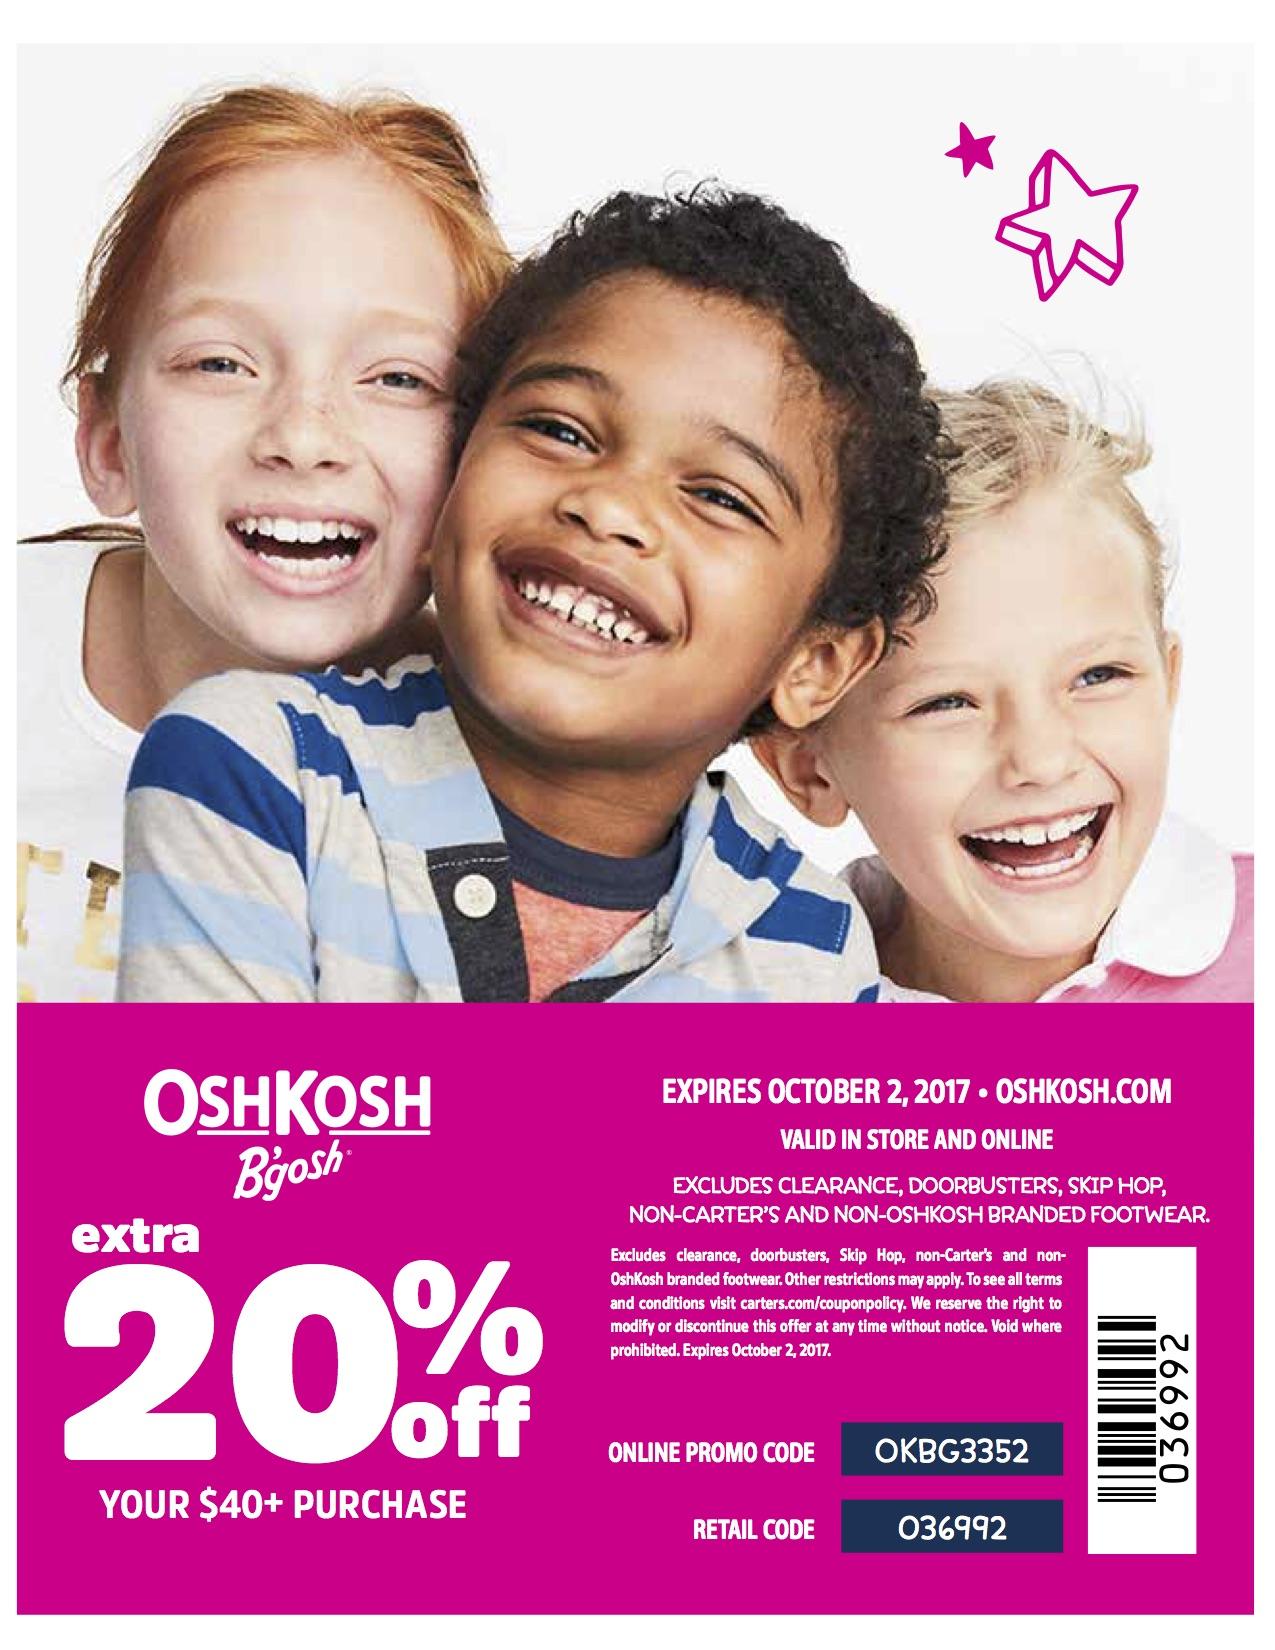 oshkosh bgosh coupon code